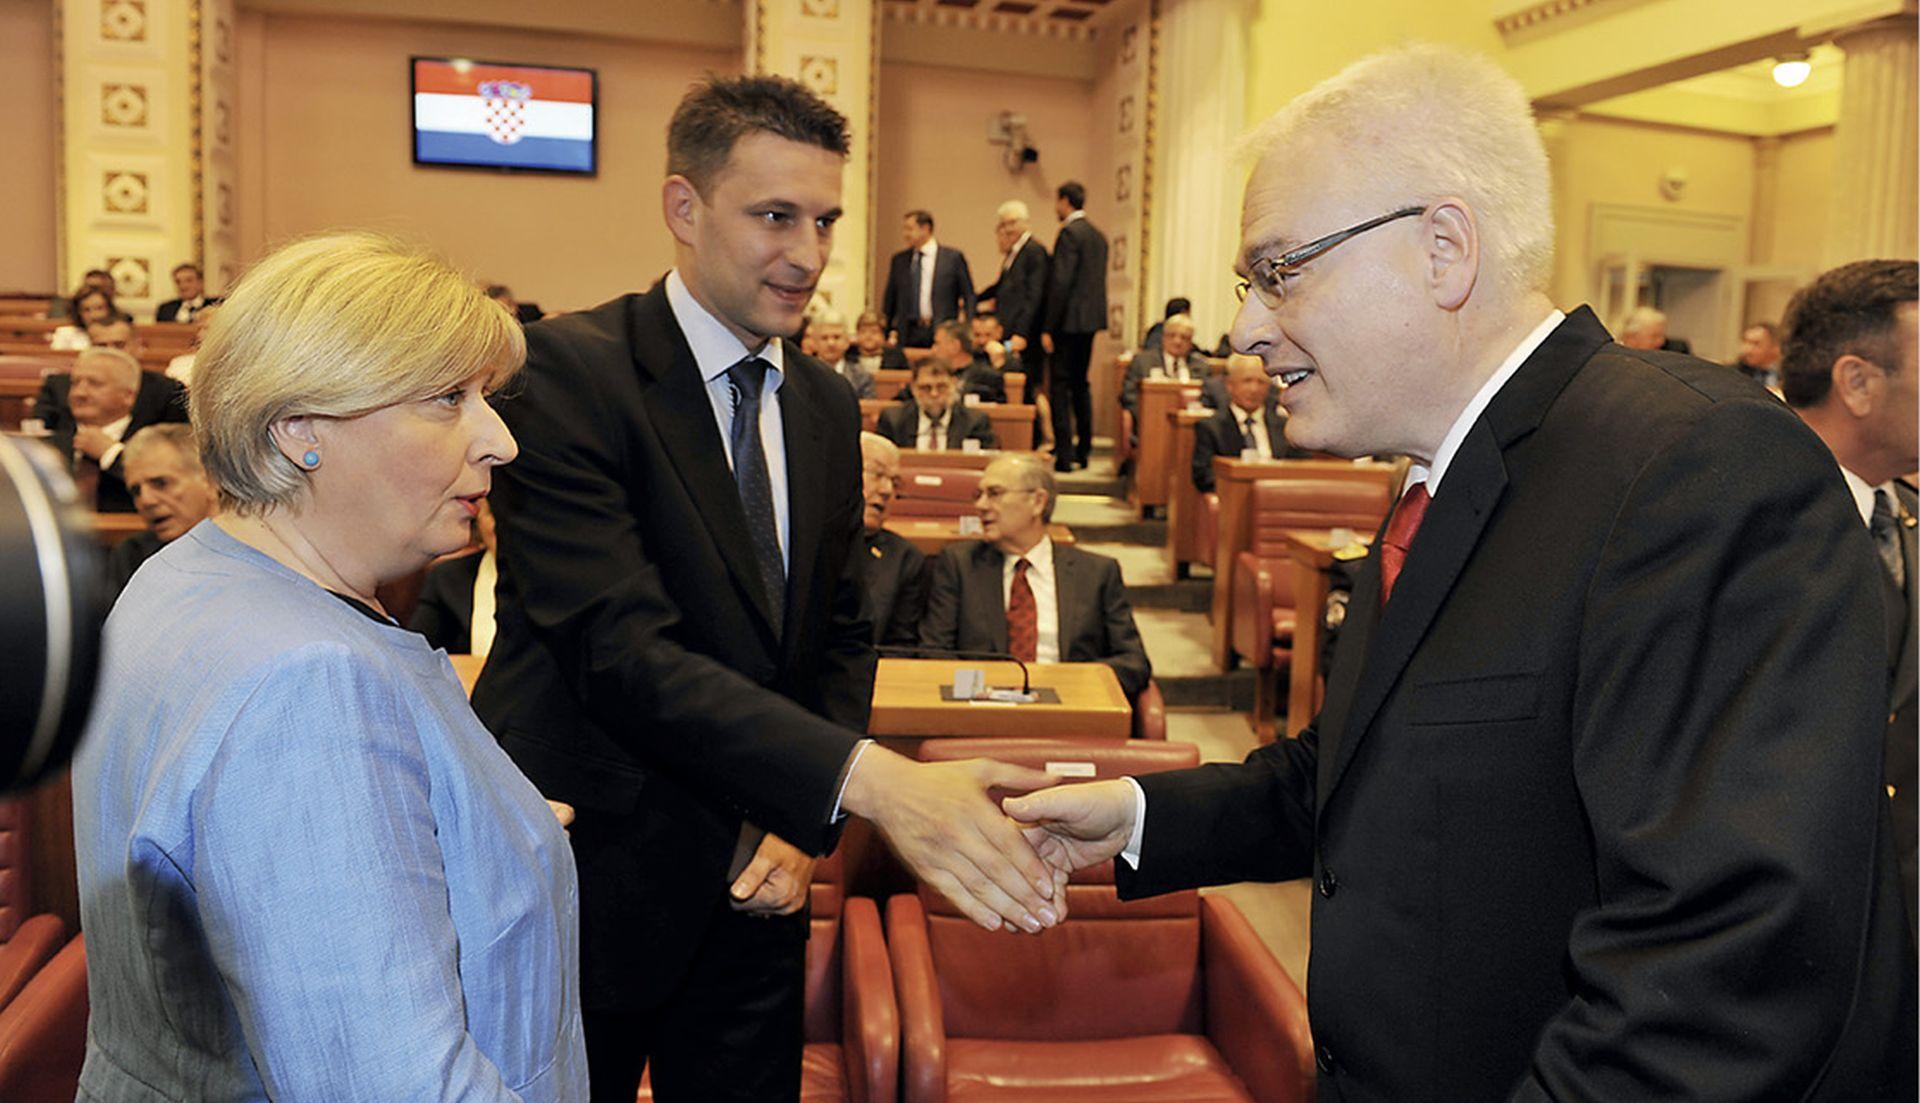 Vođe oporbe nema, a SDP-ovci čekaju da Tomislav Karamarko sam odstupi